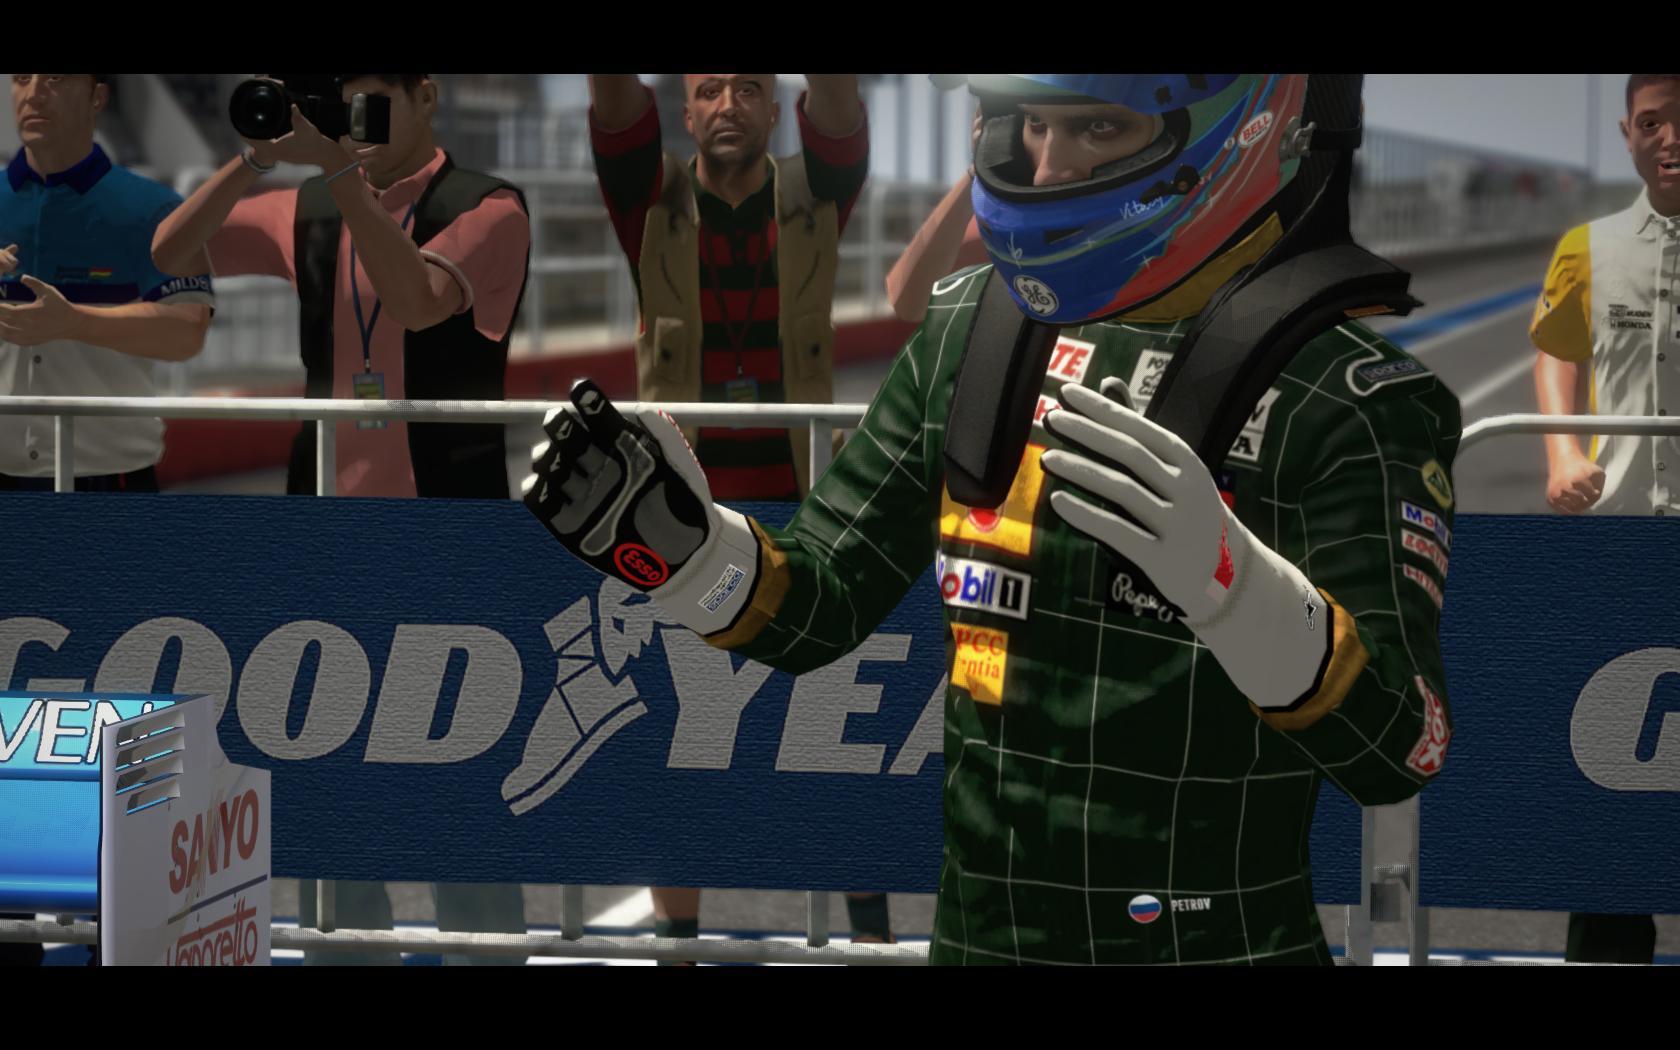 1994-Lotus-driver.jpg